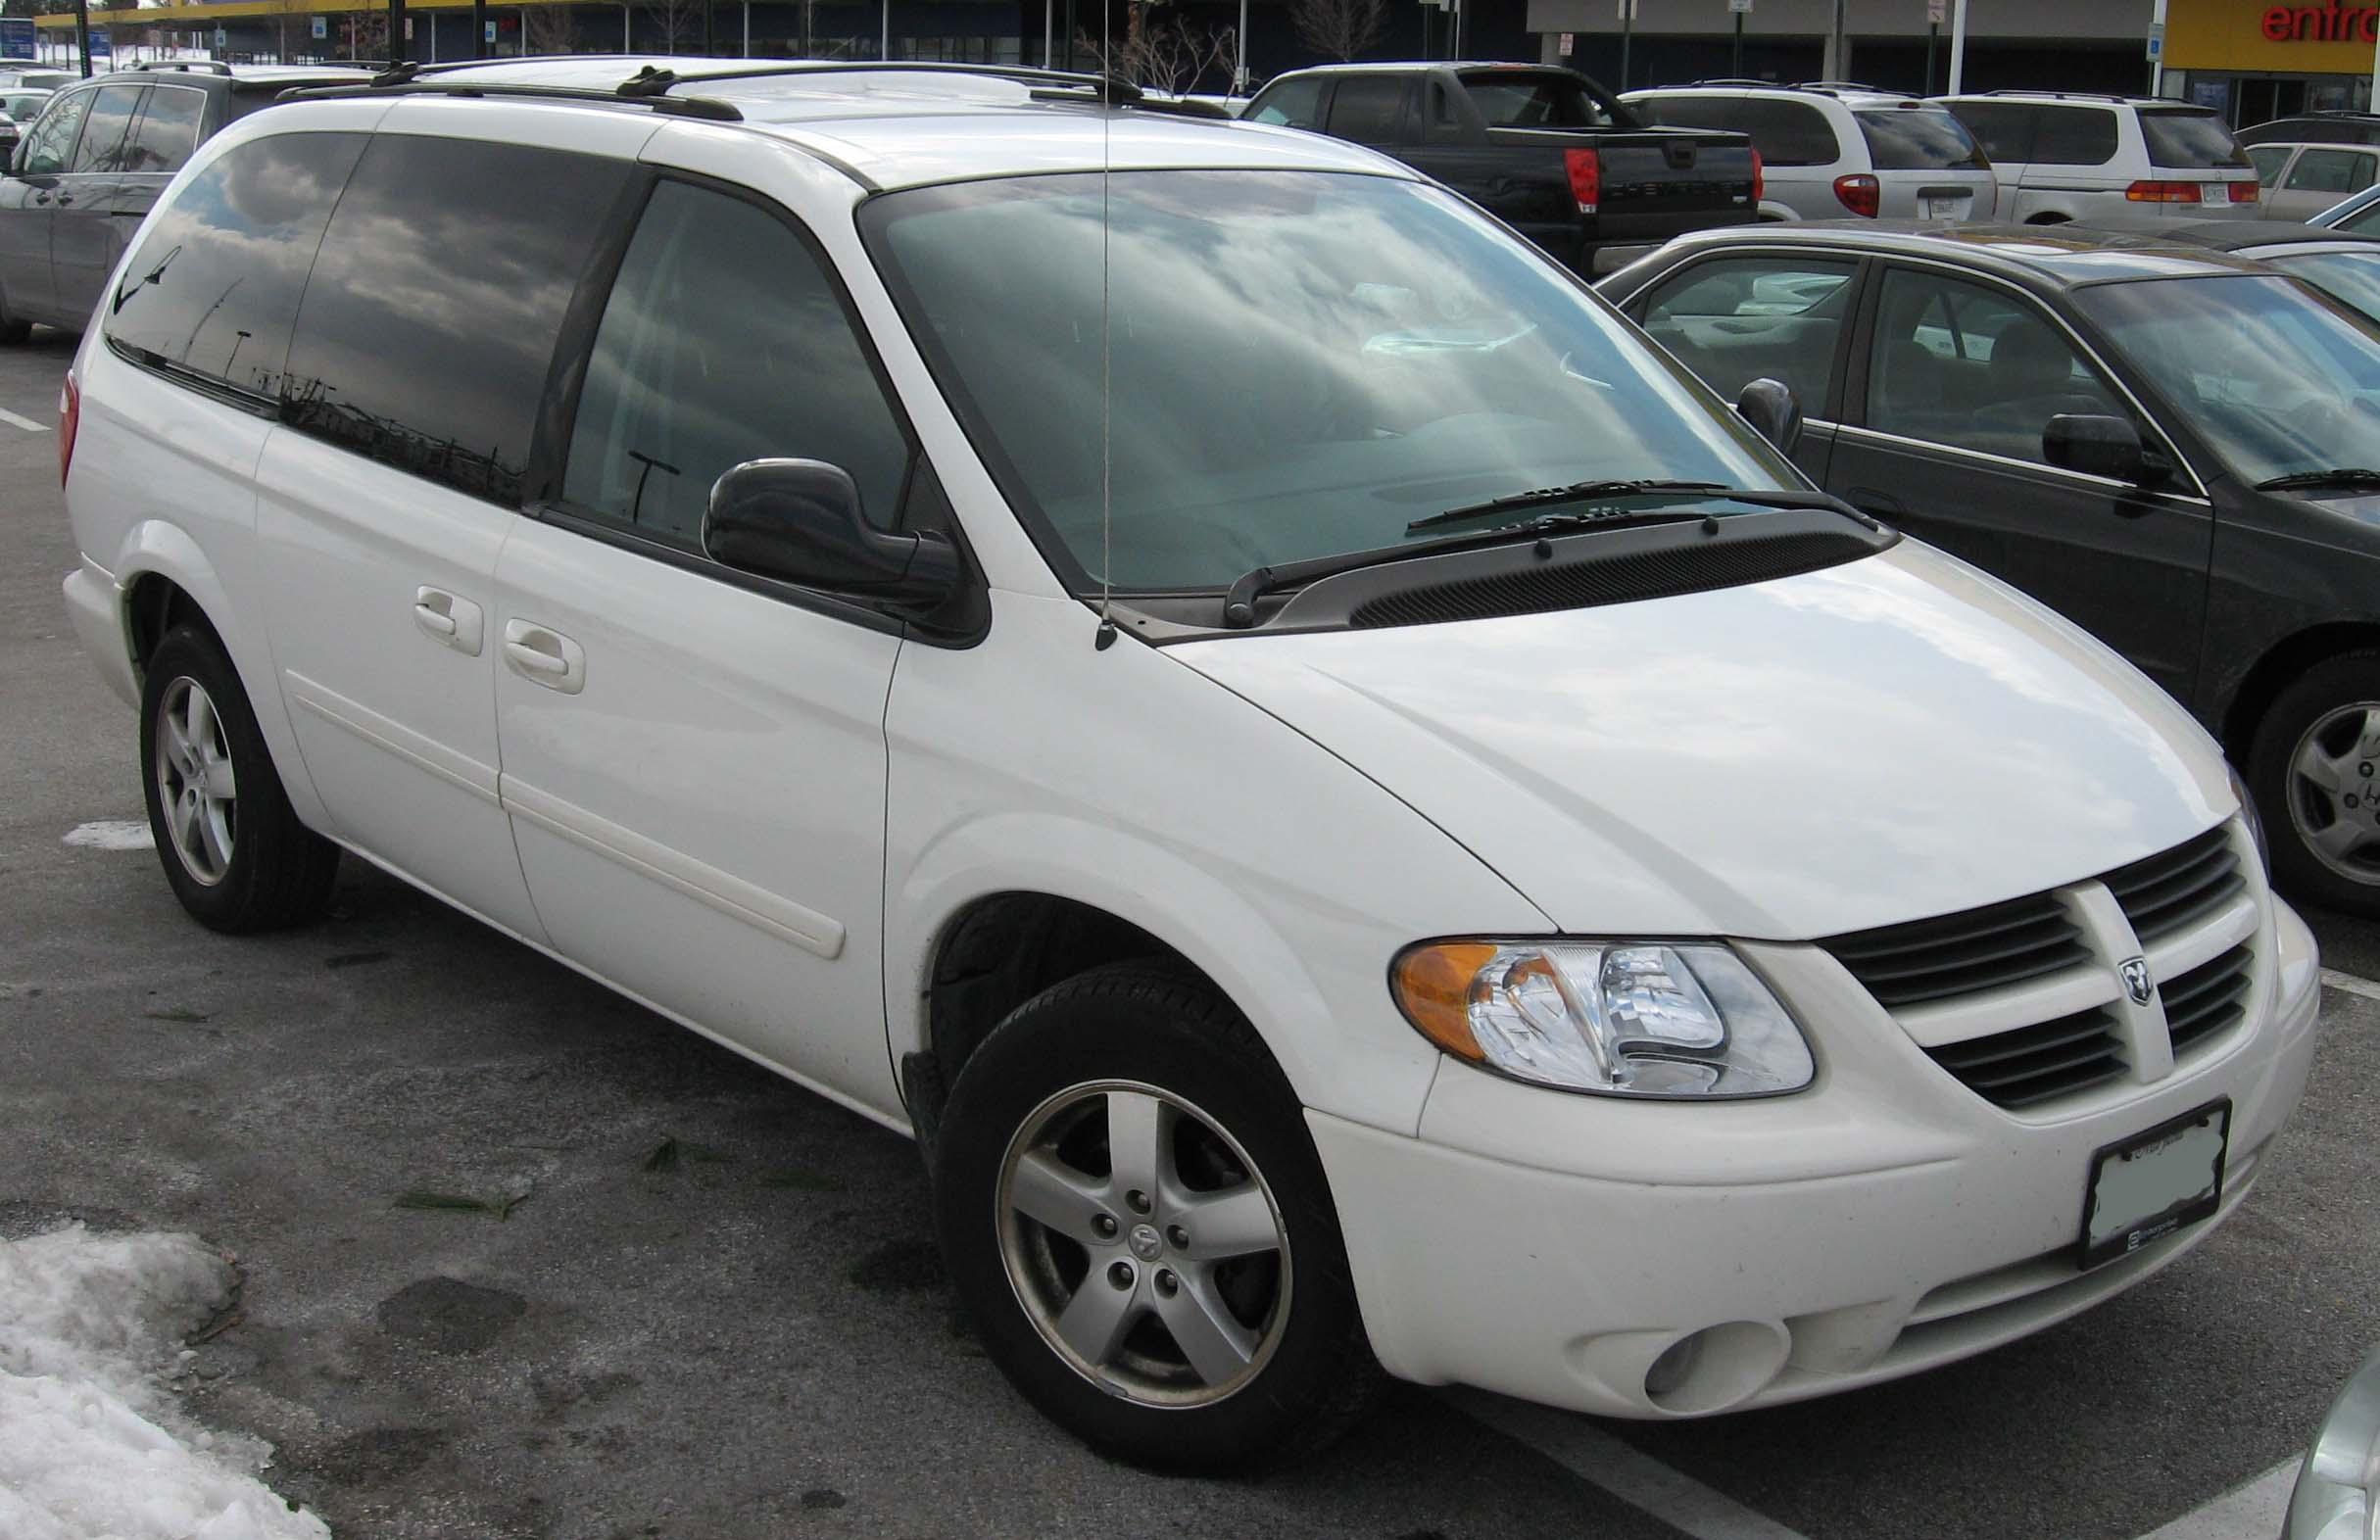 2005 dodge caravan 11 dodge caravan 11